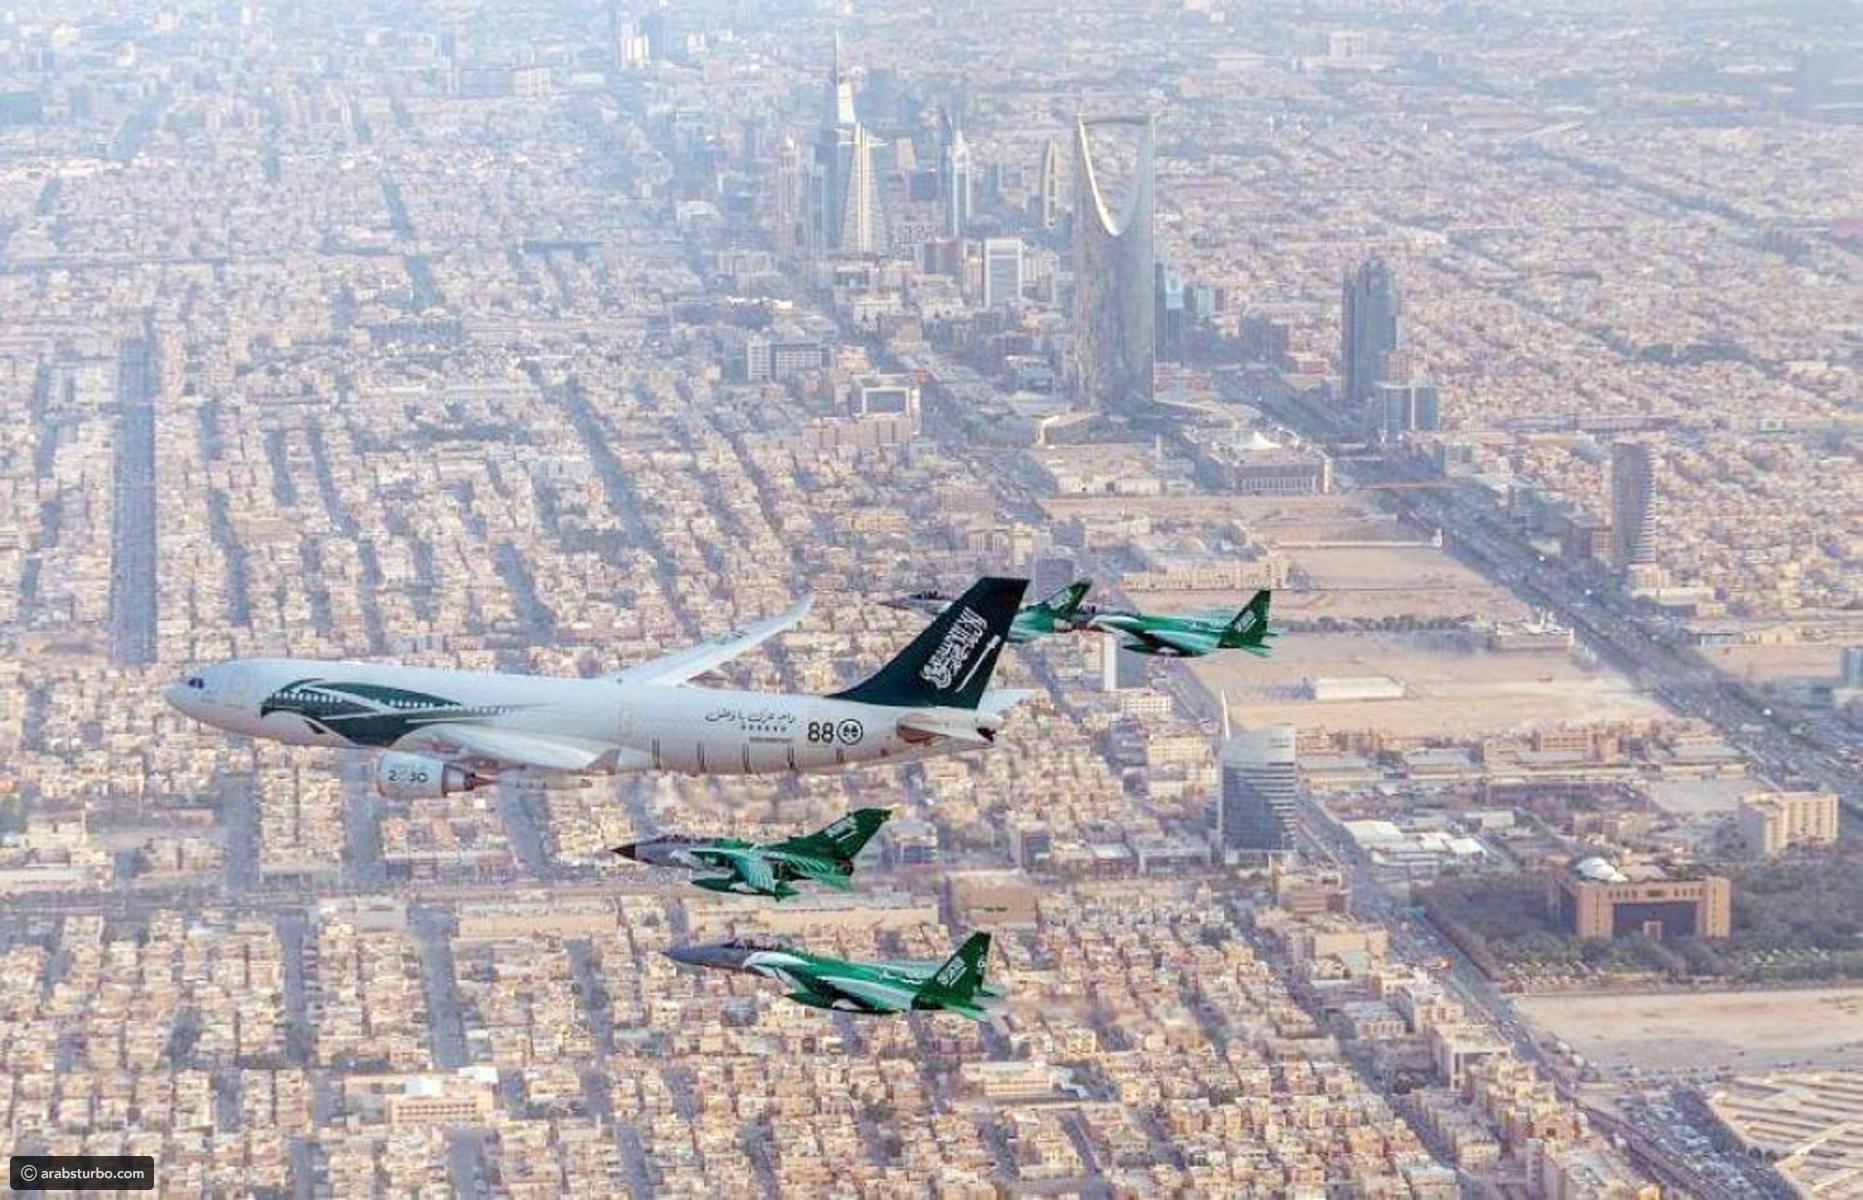 صور الصقور تستعرض وتزين سماء السعودية تيربو العرب Airplane View Scenes Views